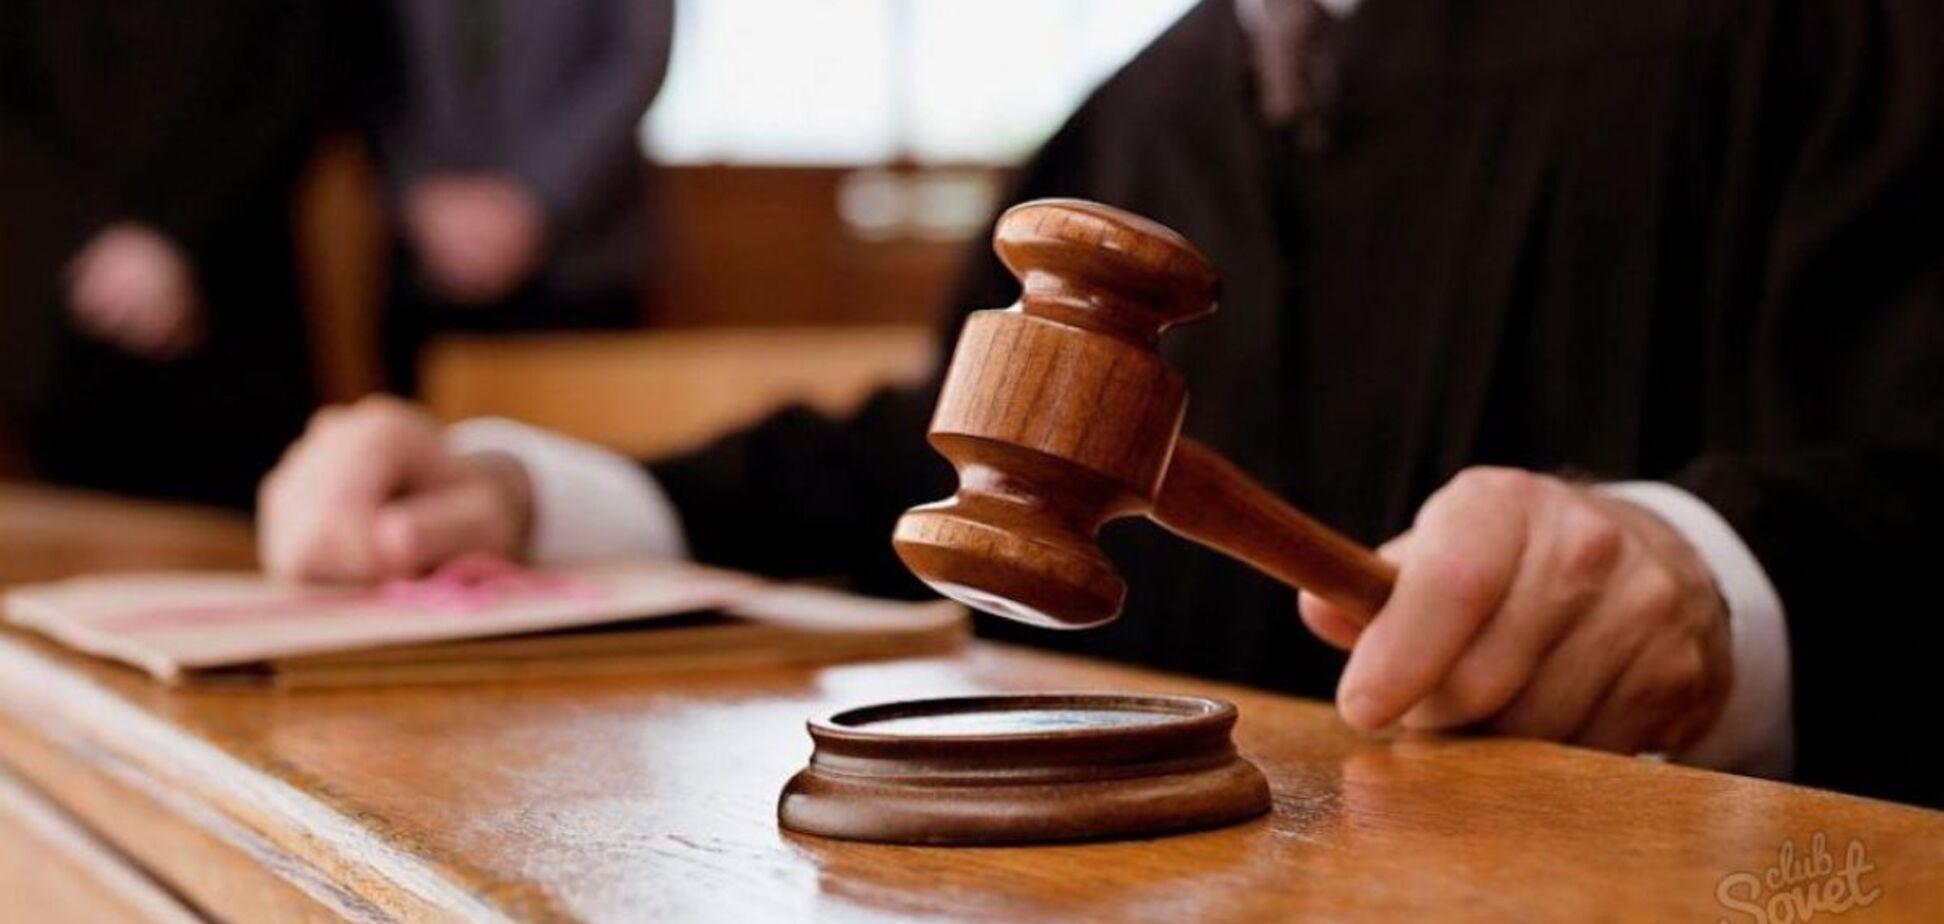 Суддя в Дніпрі приховував майно від громадськості